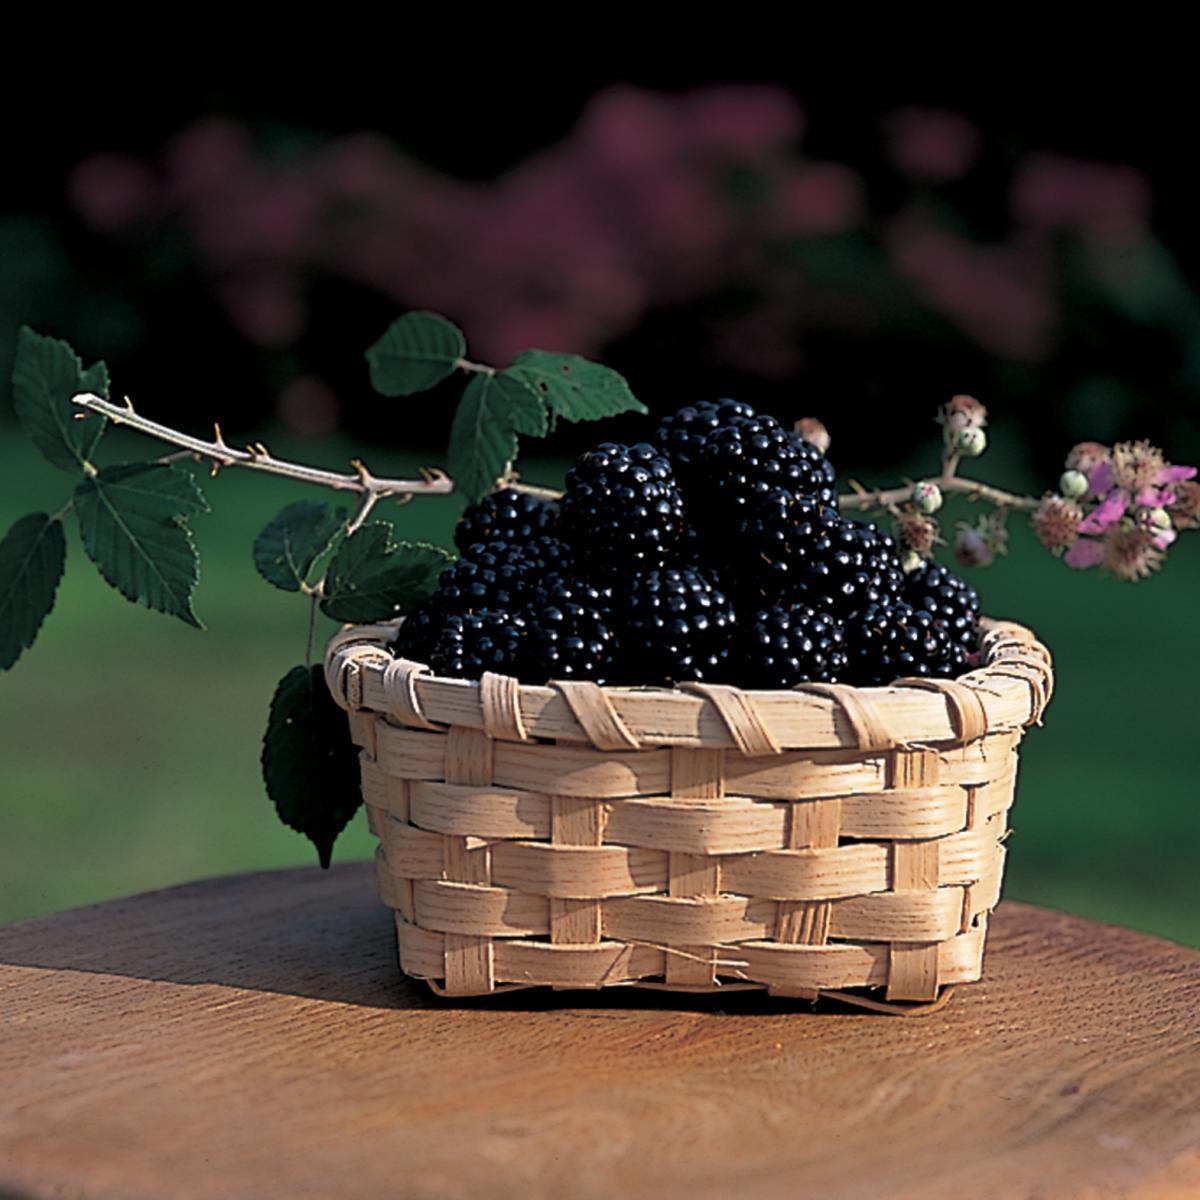 Ingredient soup blackberries